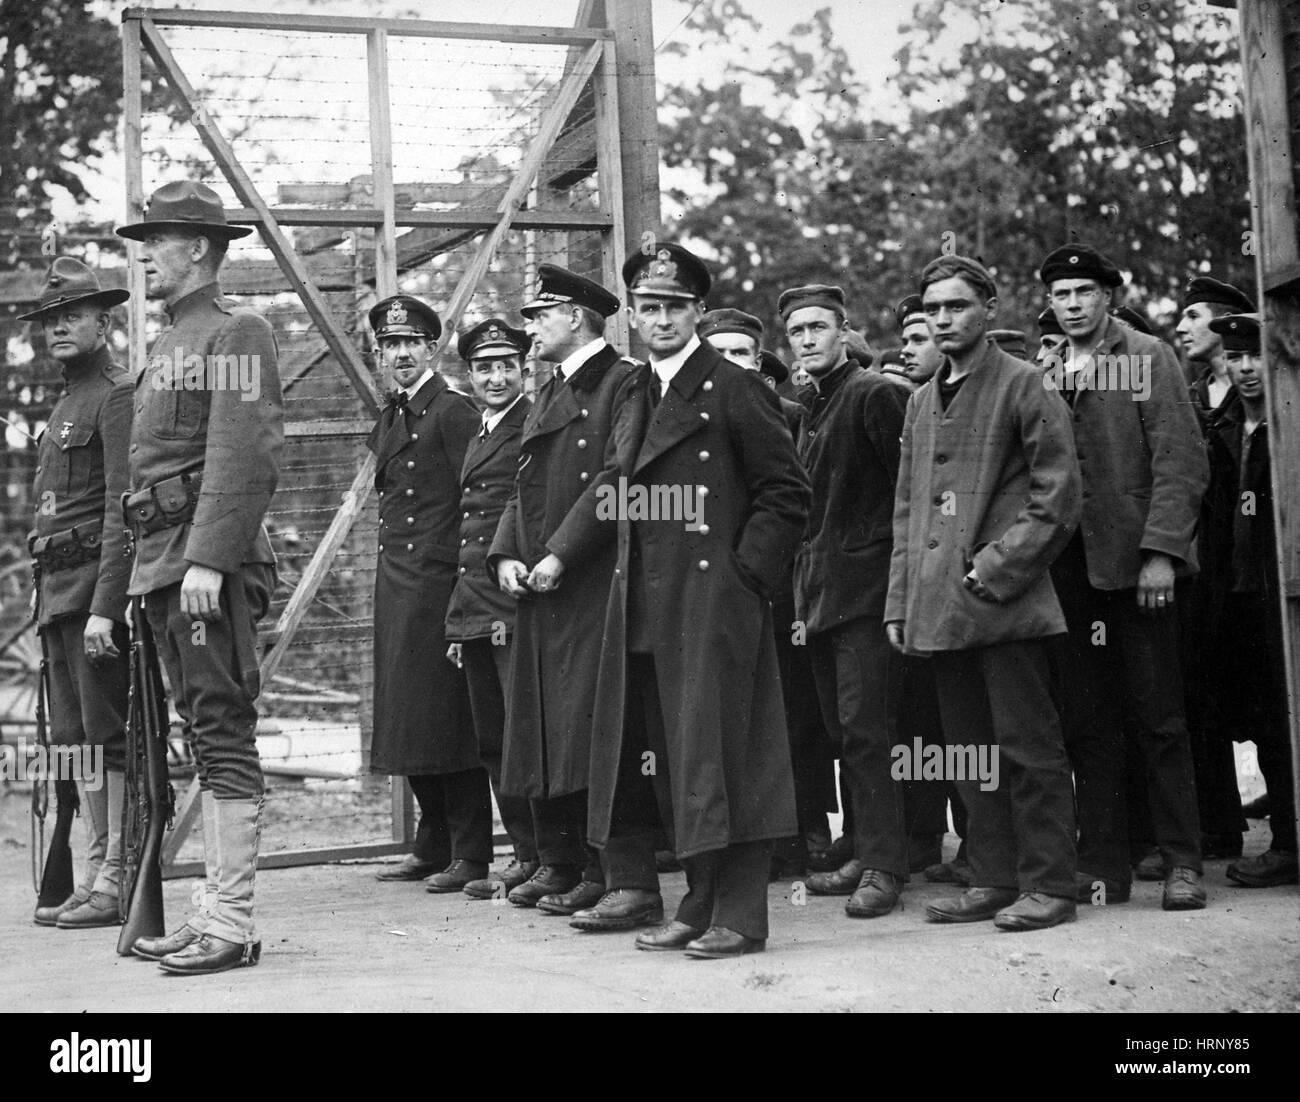 WWI, gefangengenommen u-Boot-Besatzung, 1918 Stockbild